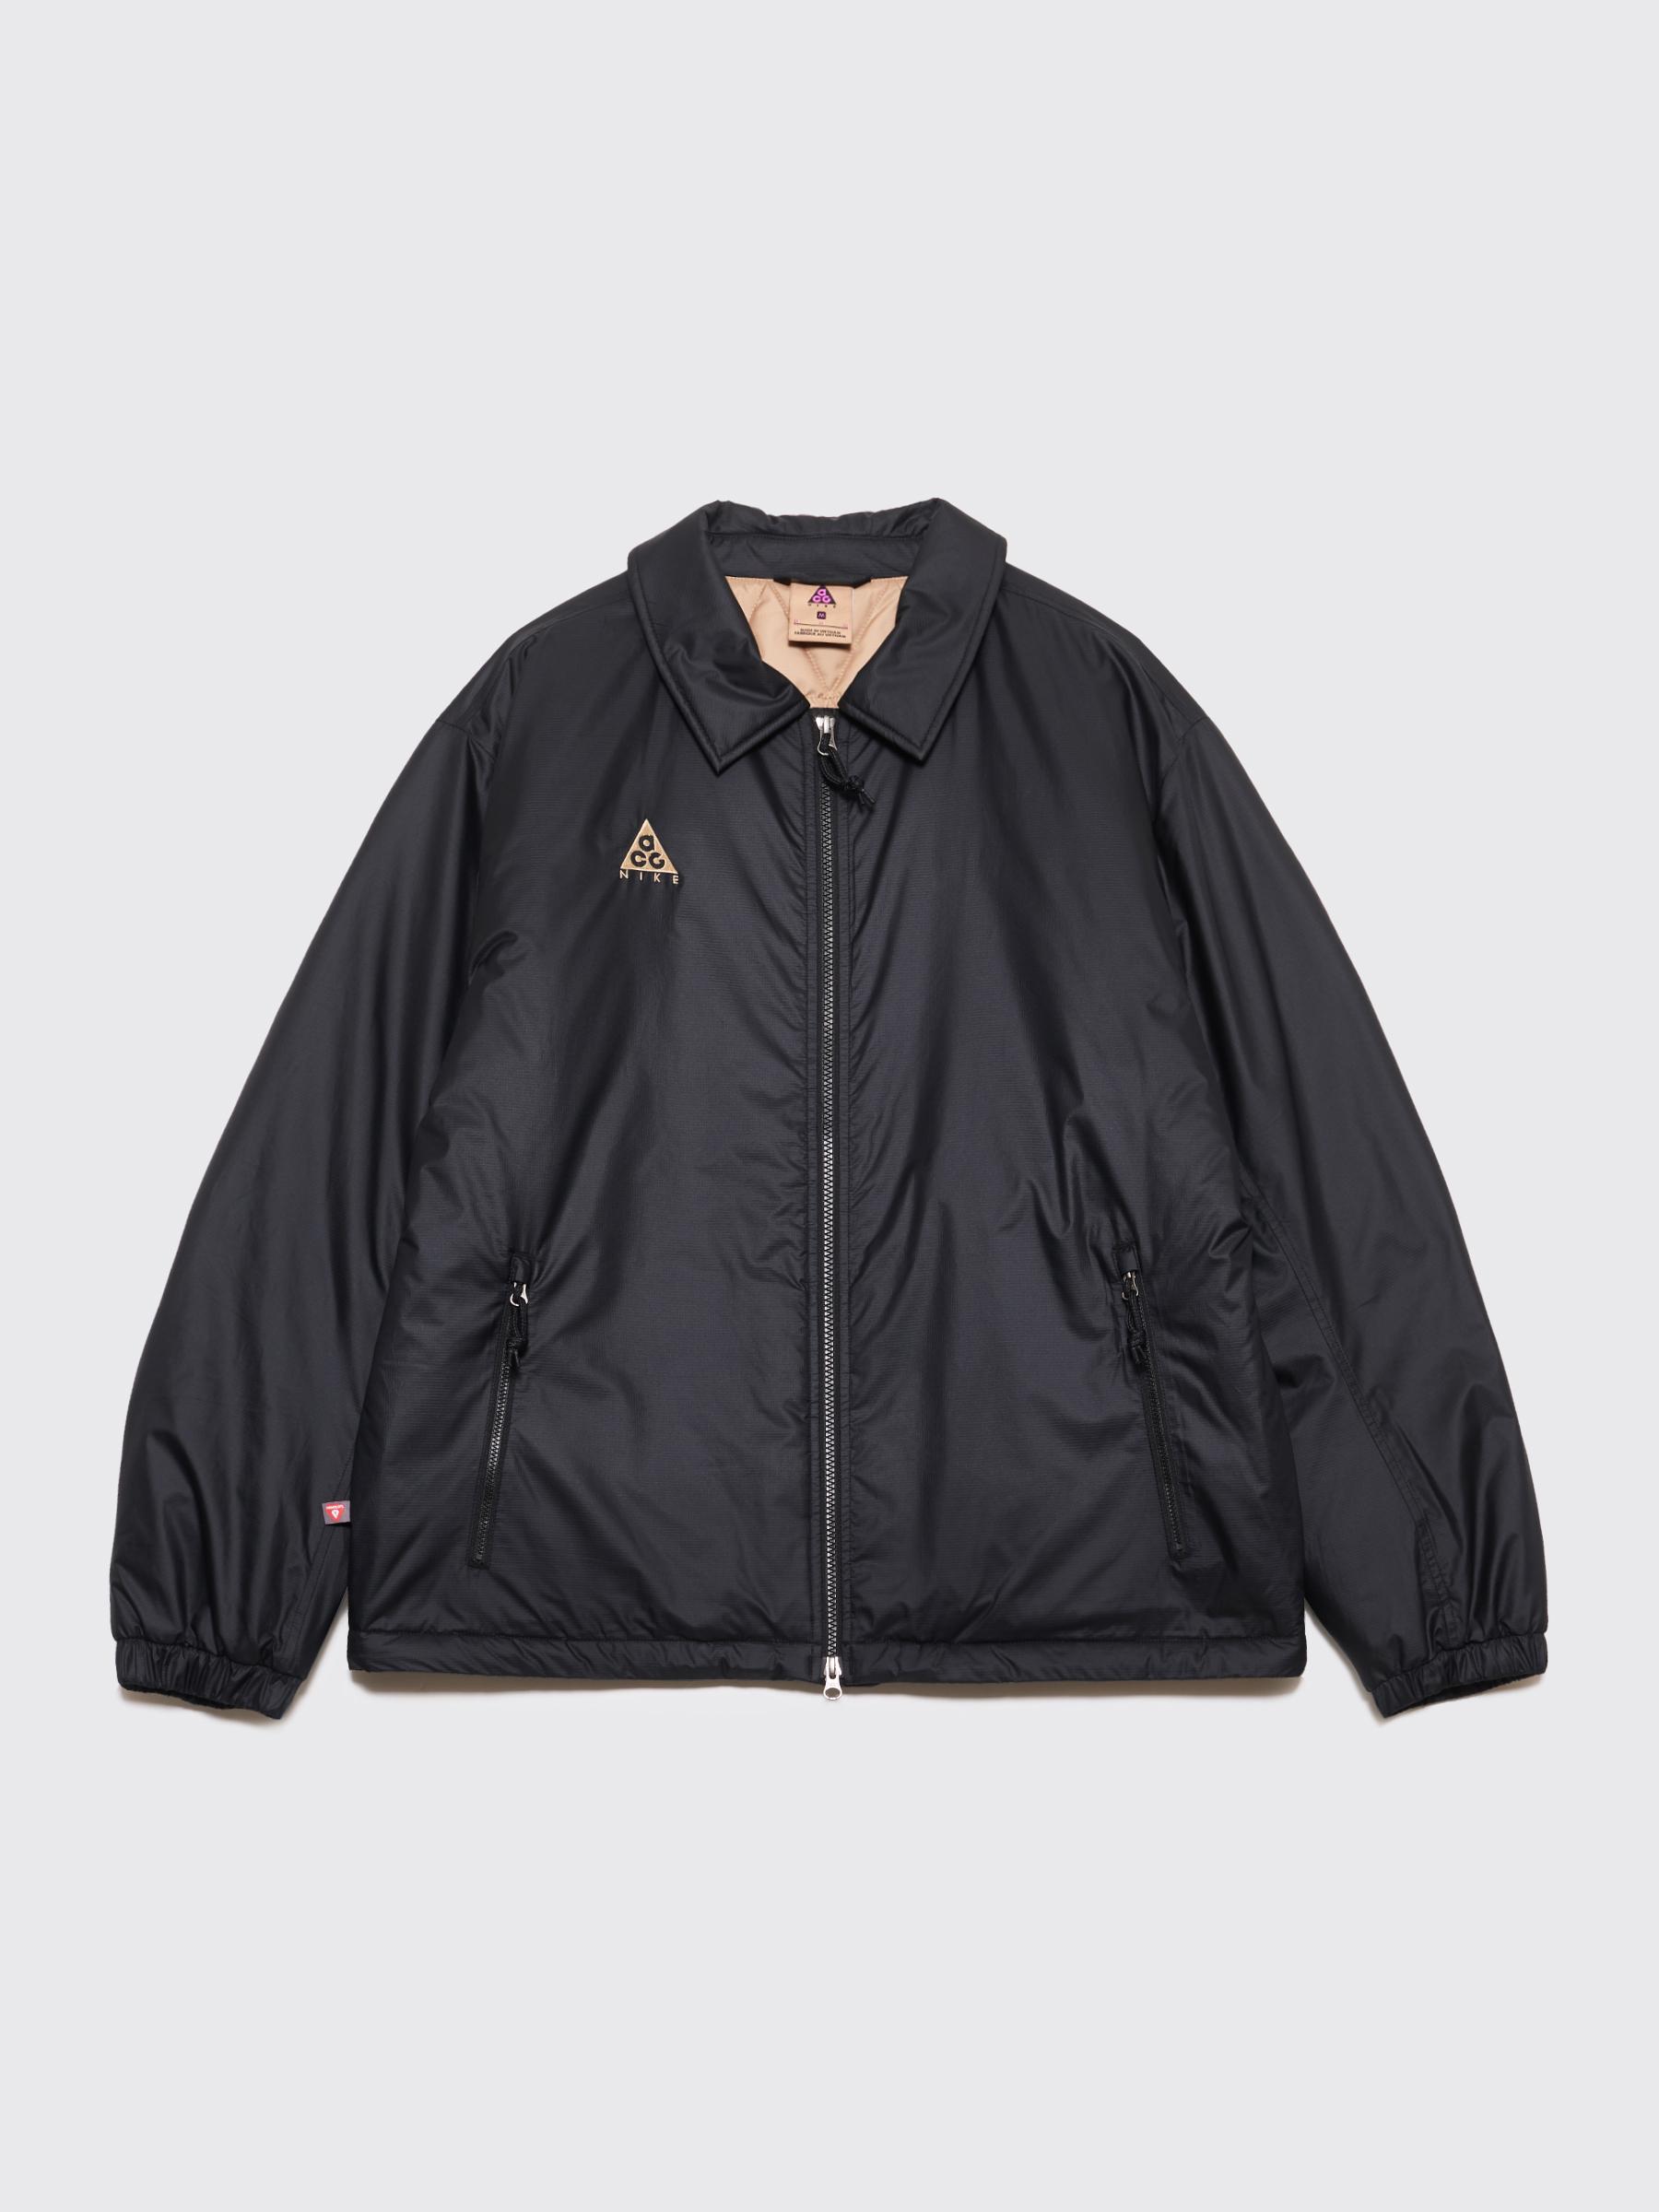 320901eb1a Très Bien - Nike ACG Primaloft Jacket Black   Parachute Beige